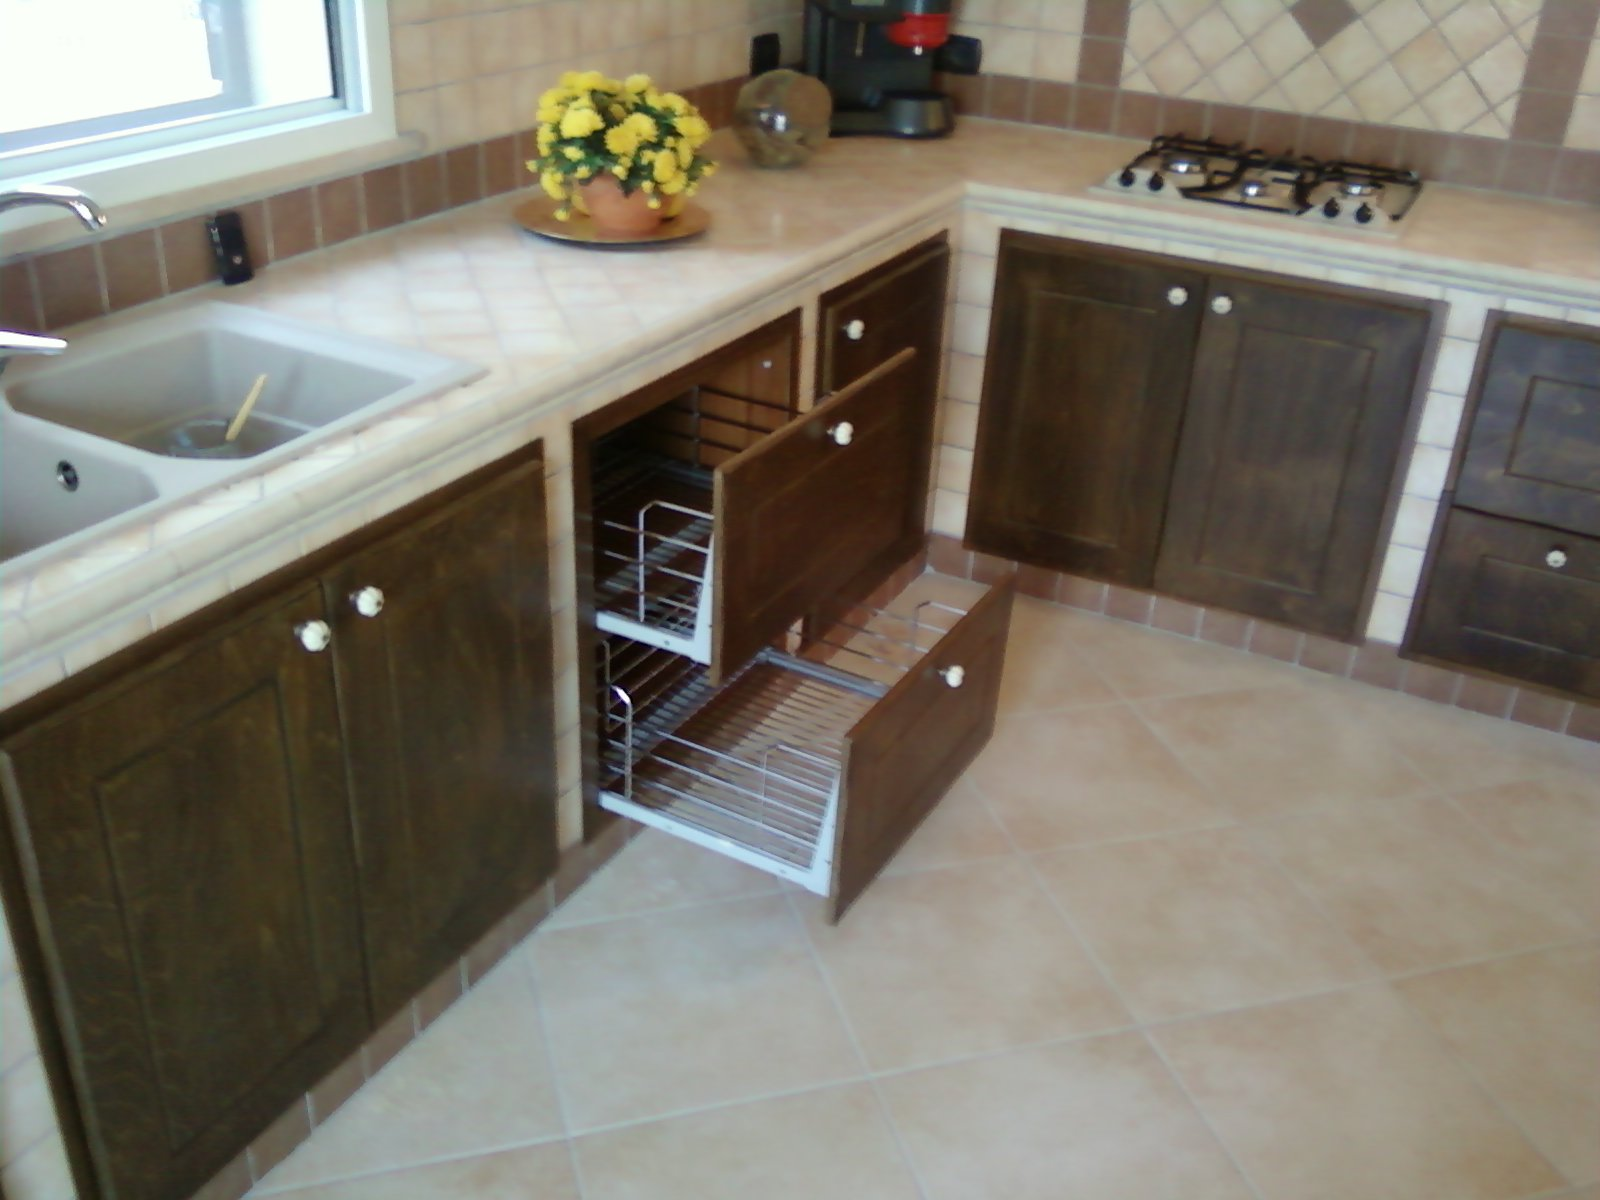 Fai da te hobby legno cucina in muratura - Cucina componibile fai da te ...